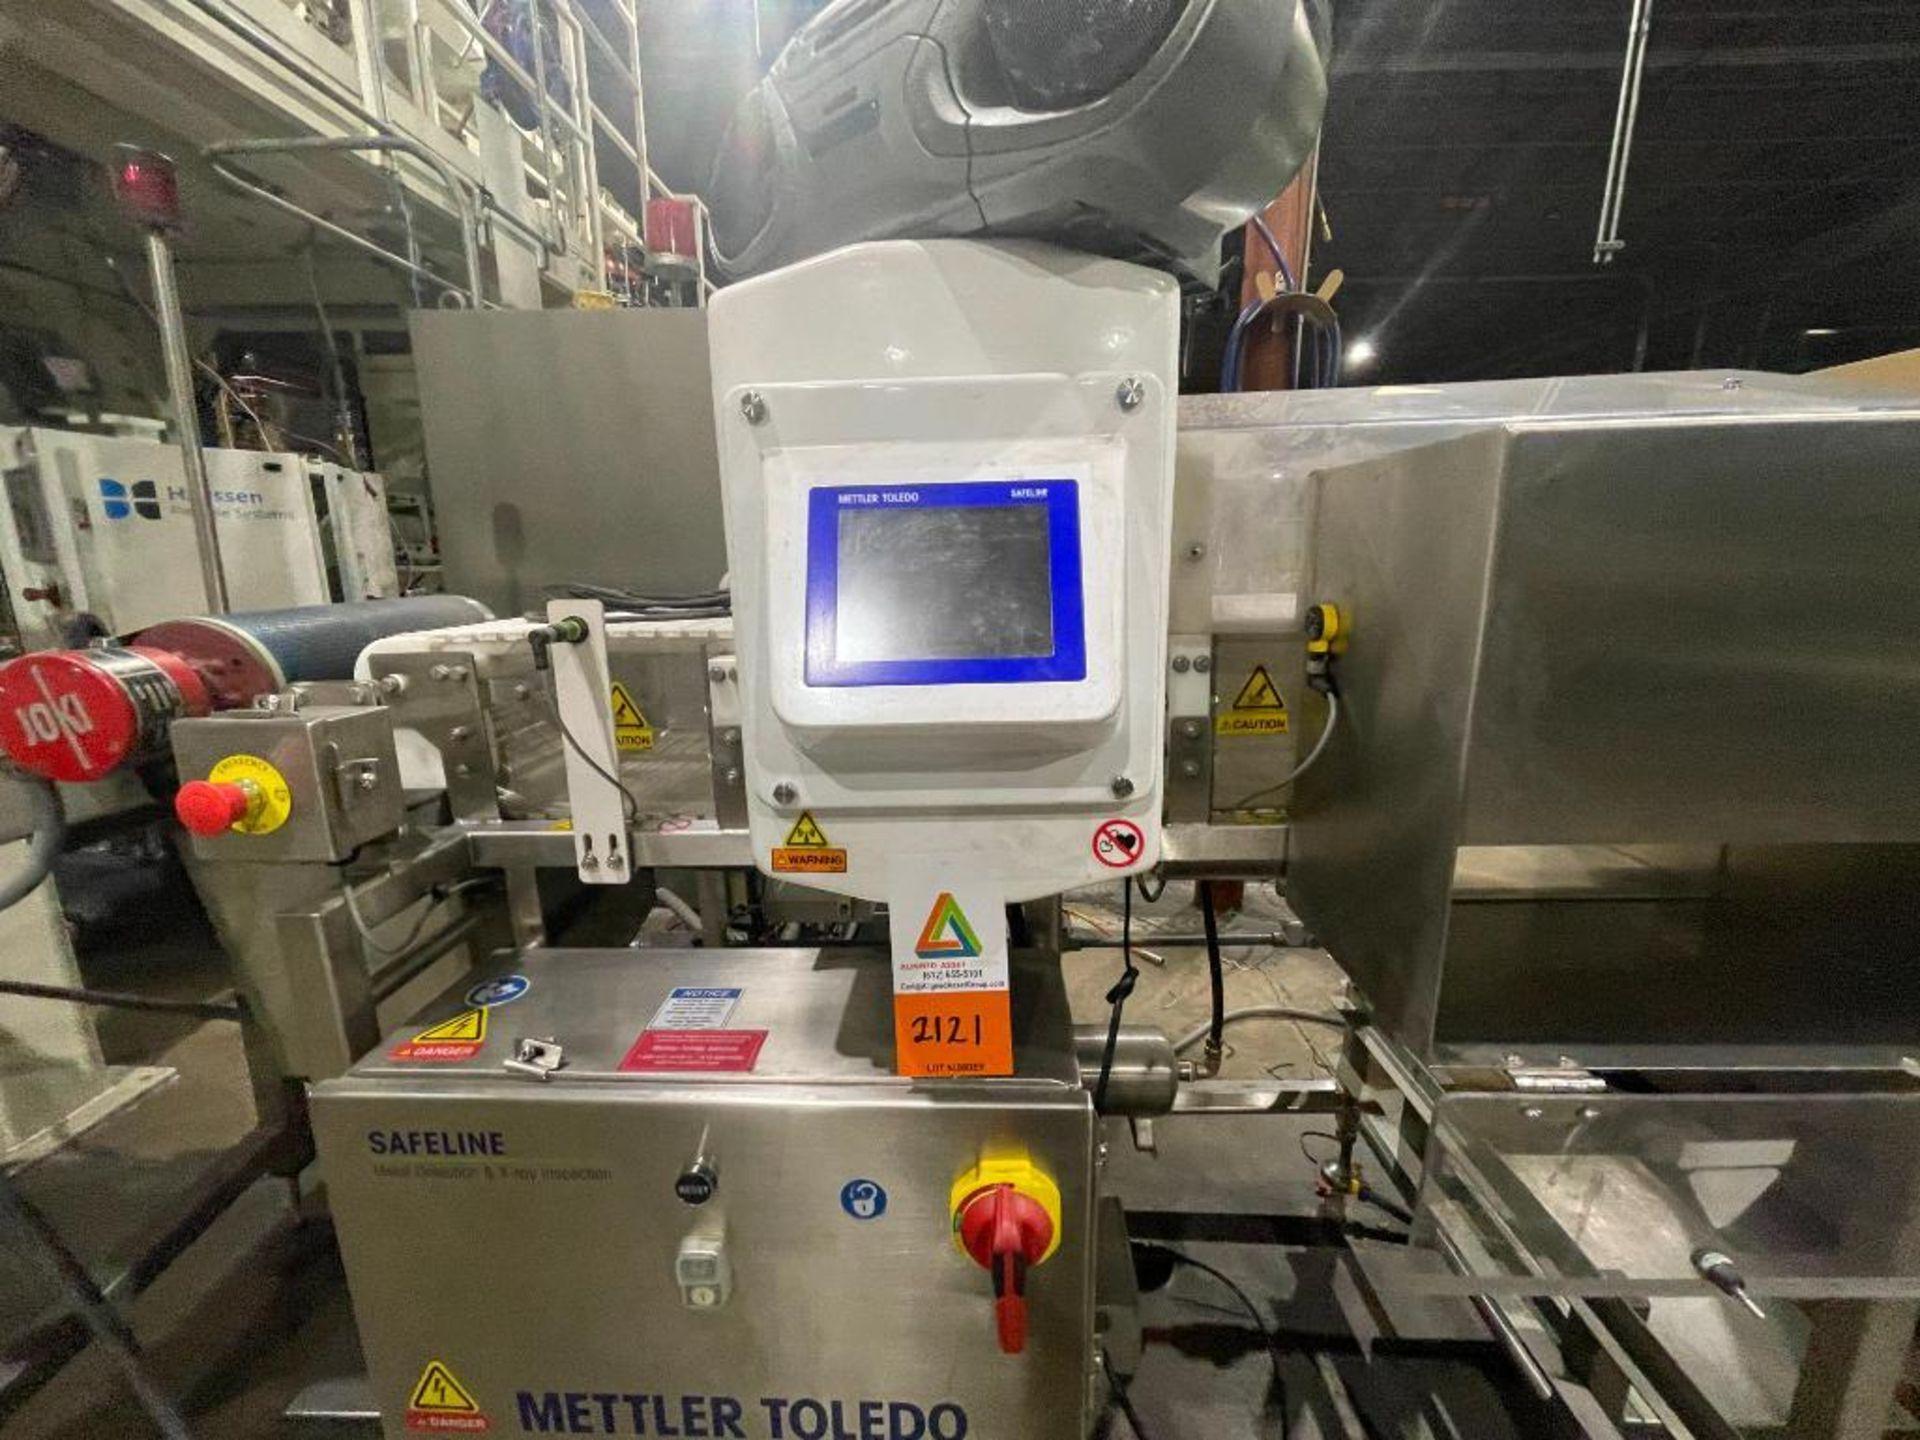 2016 Mettler Toledo metal detector, model SL1500 - Image 7 of 16